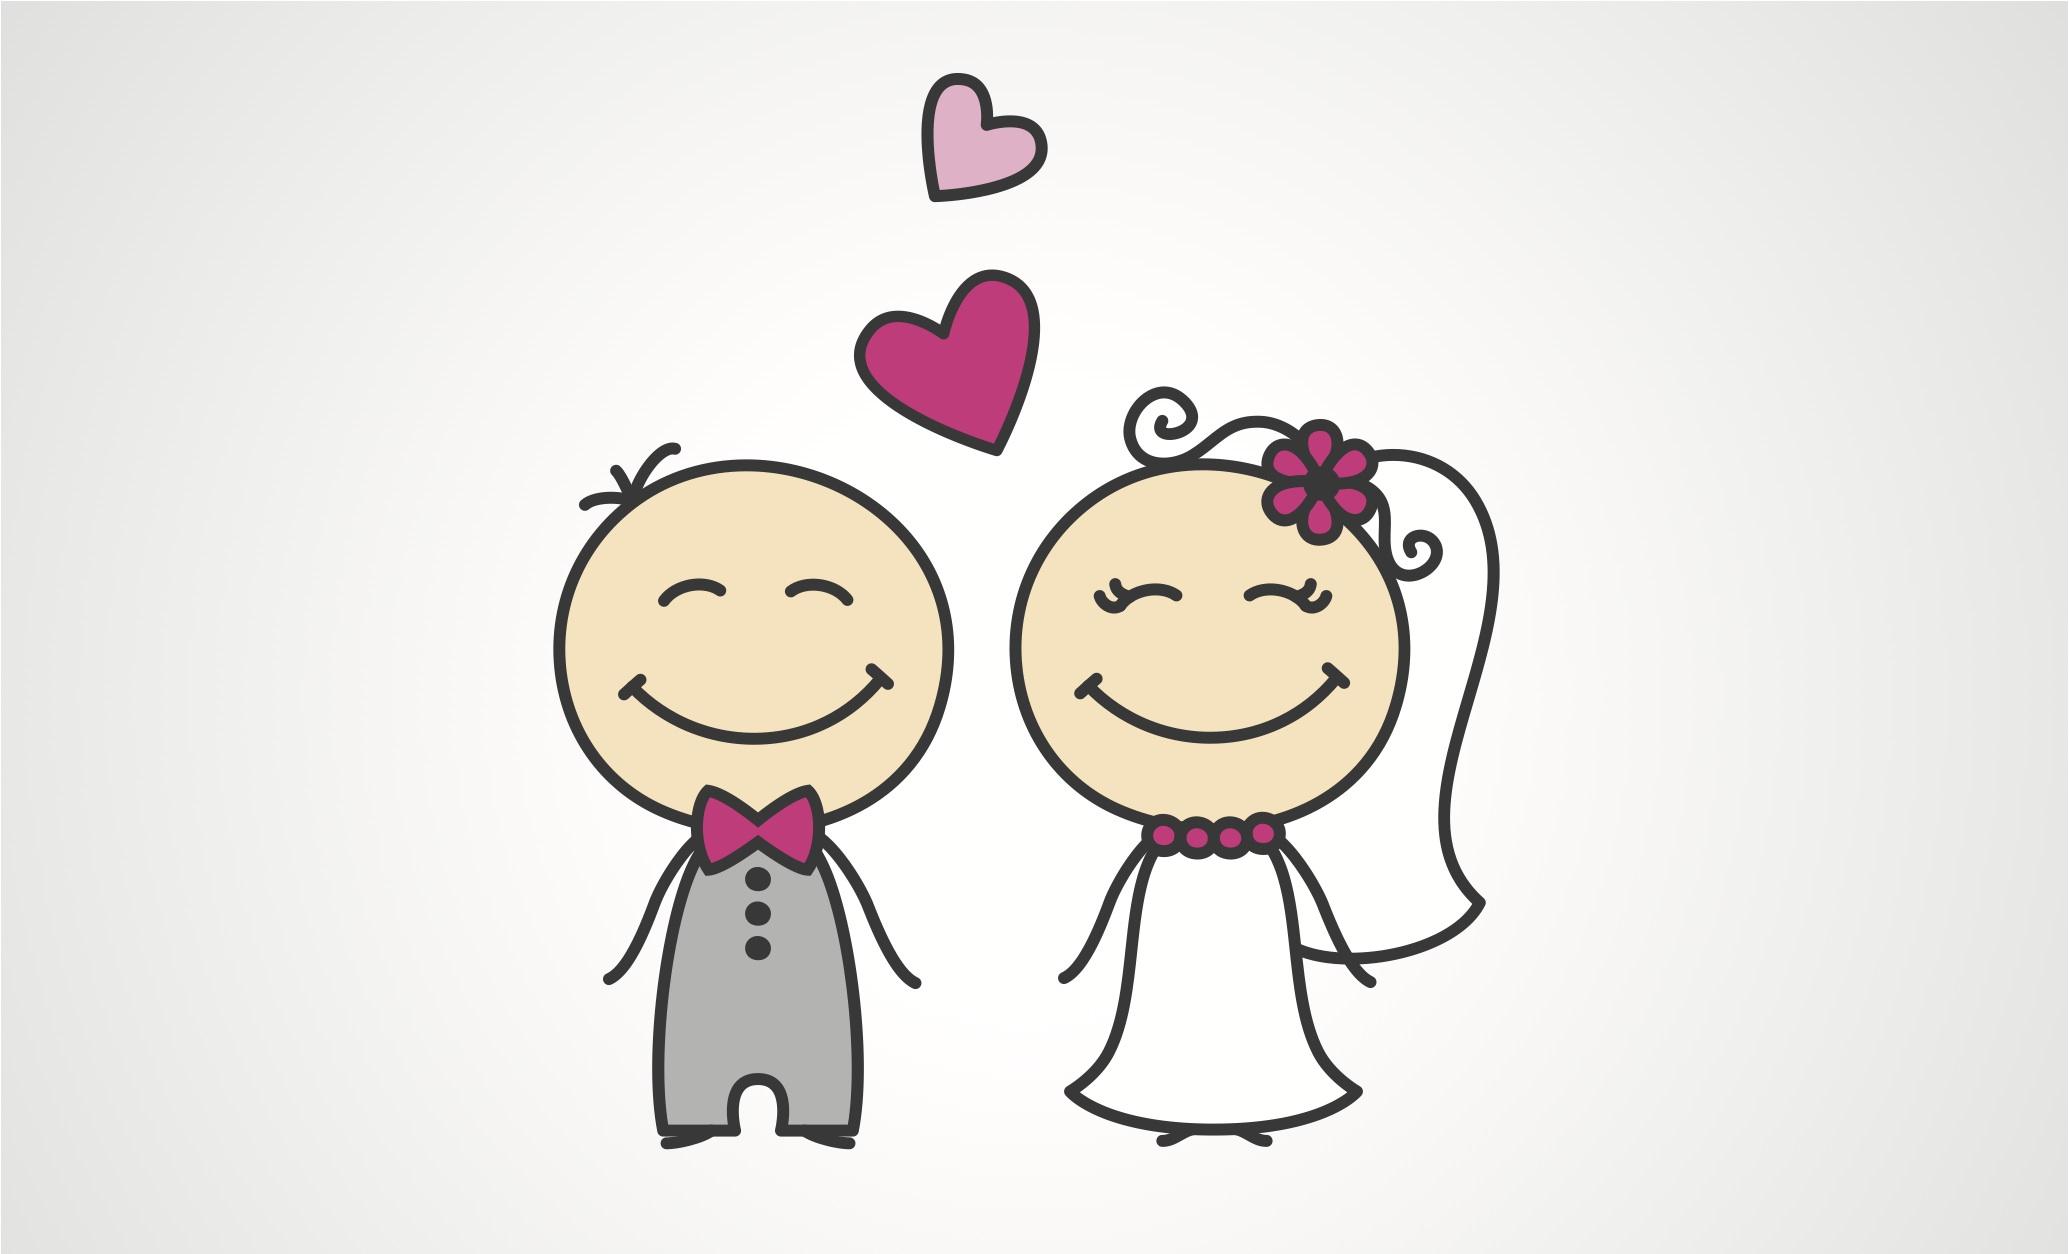 شروط تصحيح وضع الزواج